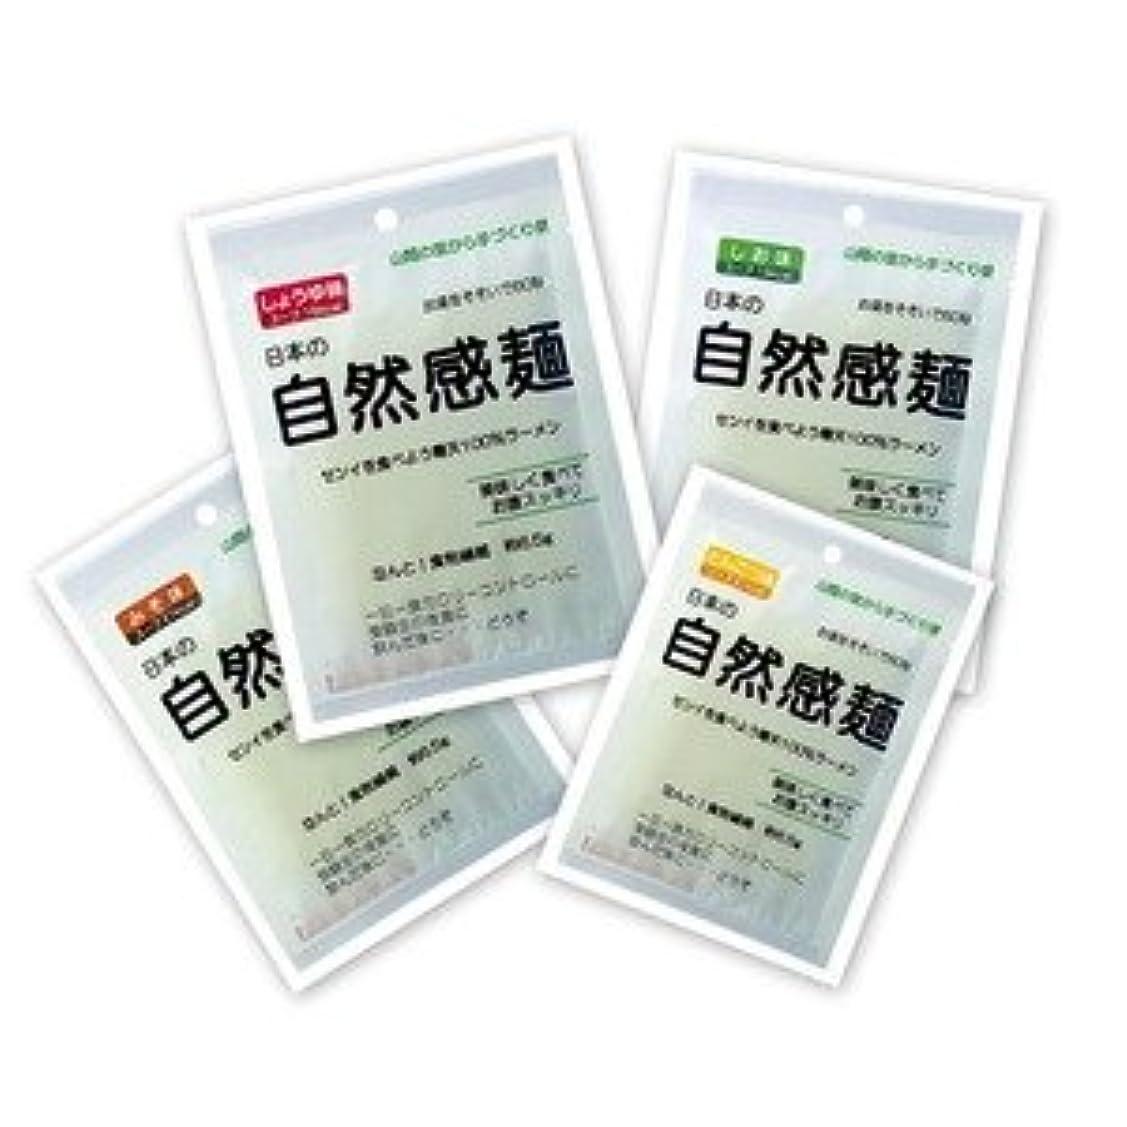 法令コマンド廊下自然寒天ラーメン/ダイエット食品 【4味5食セット】 しょうゆ味?みそ味?しお味?とんこつ味 日本製